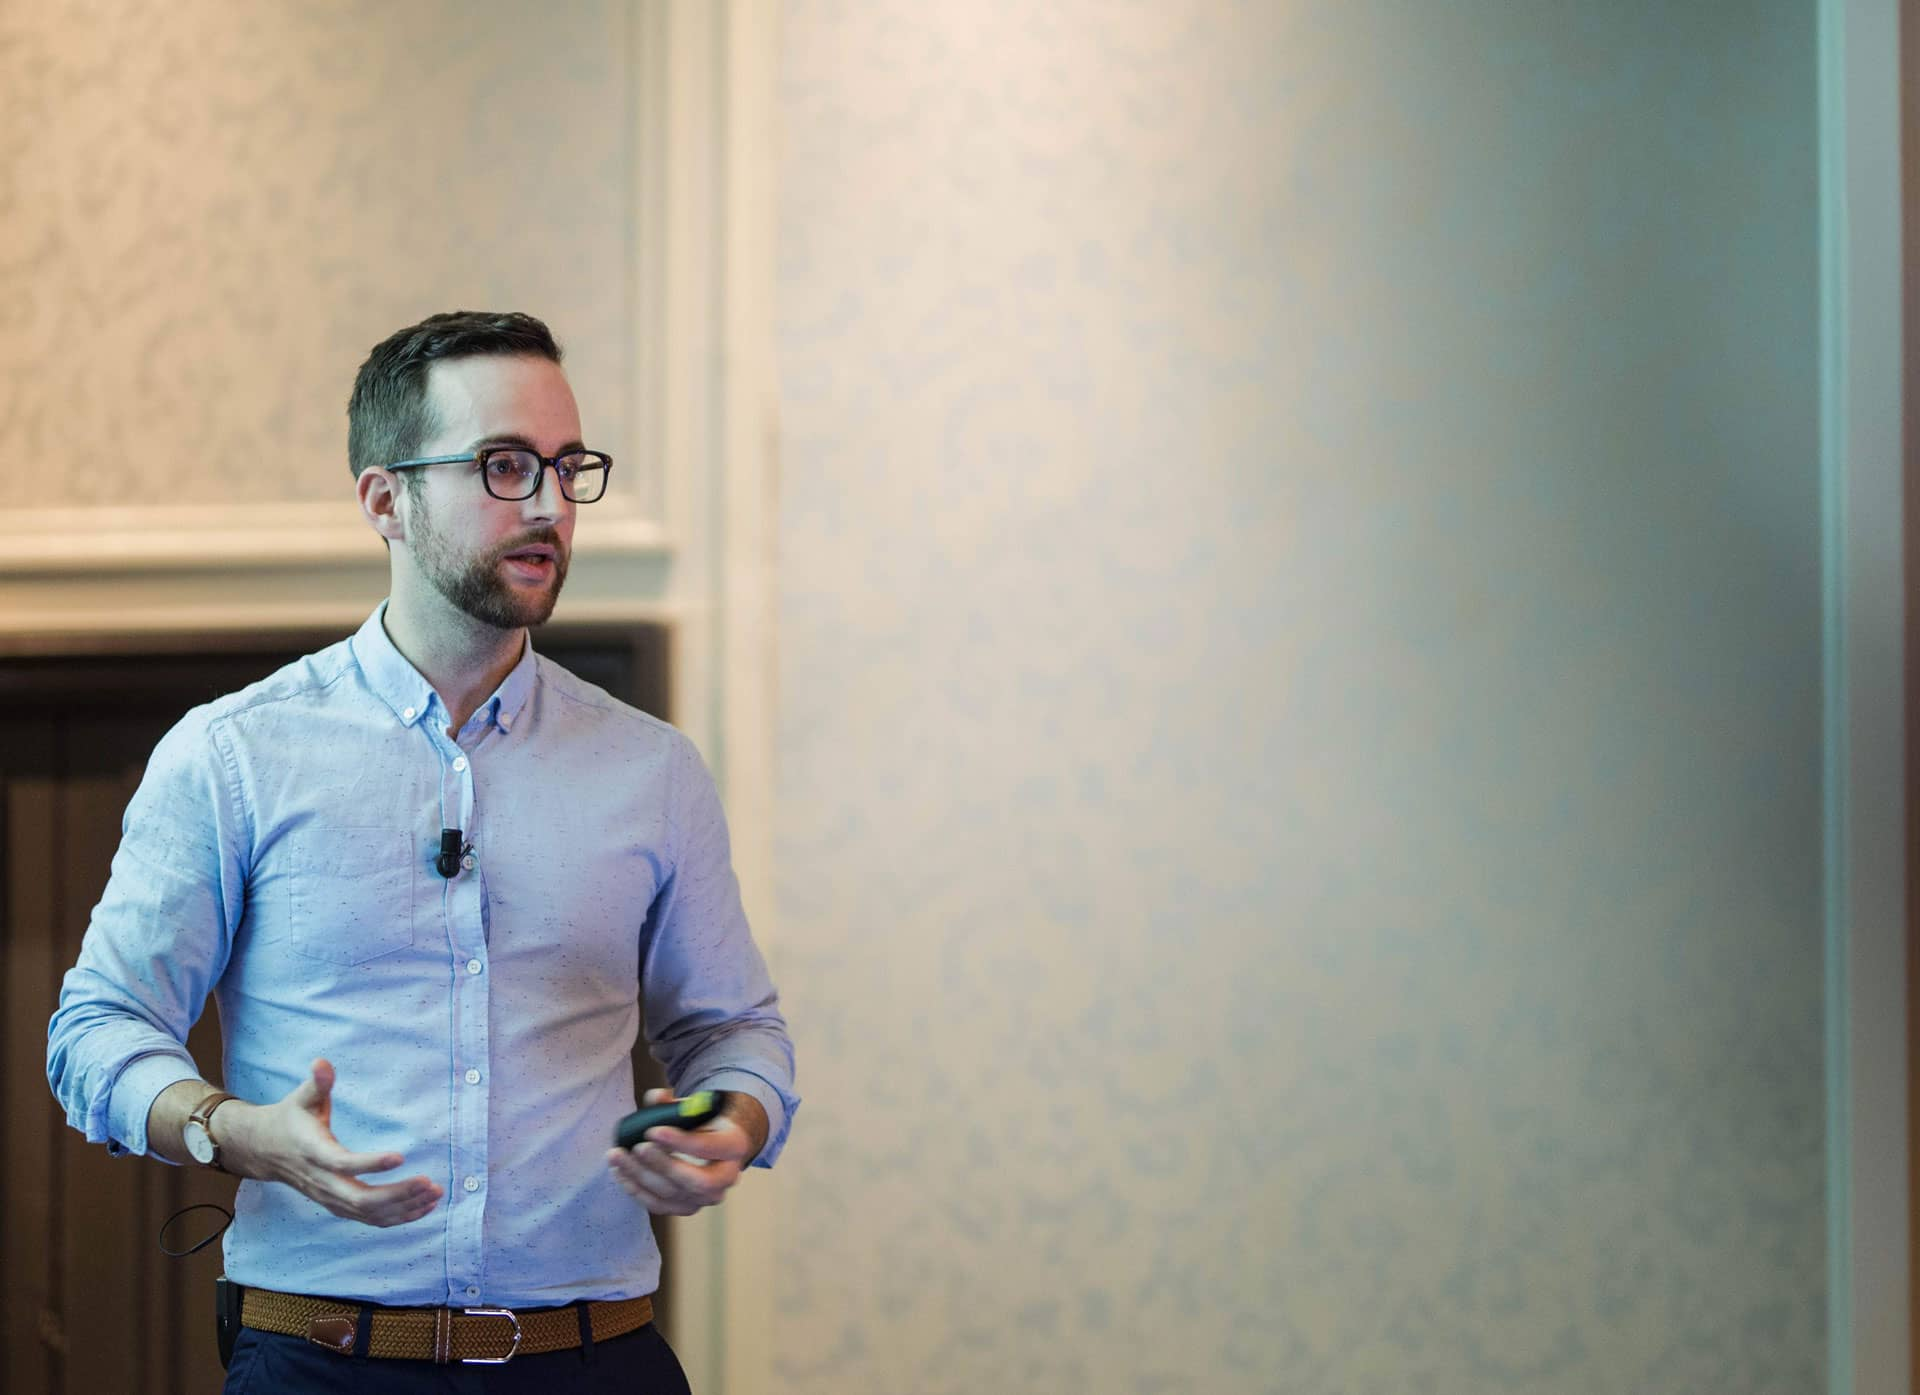 Riche à 30 ans - François Denis : Investisseur & entrepreneur millionnaire / Auteur, conférencier & formateur pro